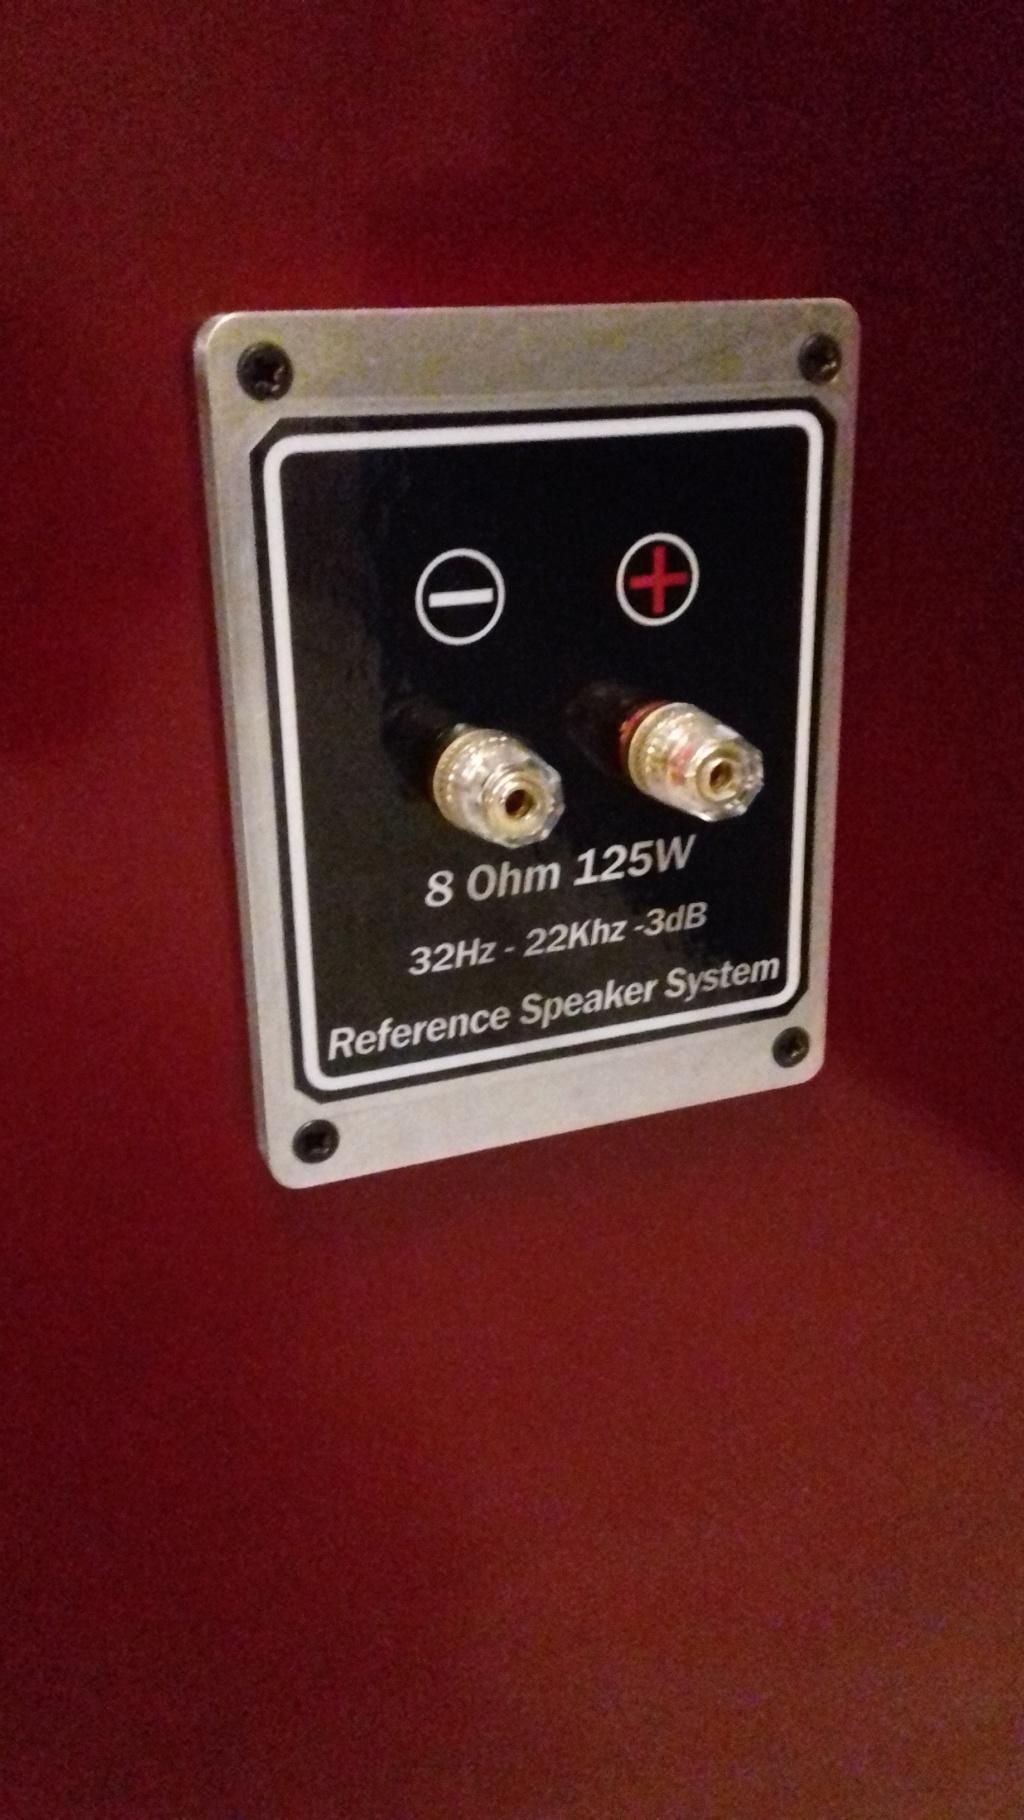 ¿Como interpretar las especificaciones técnicas de un amplificador para saber de su calidad? - Página 2 20190122